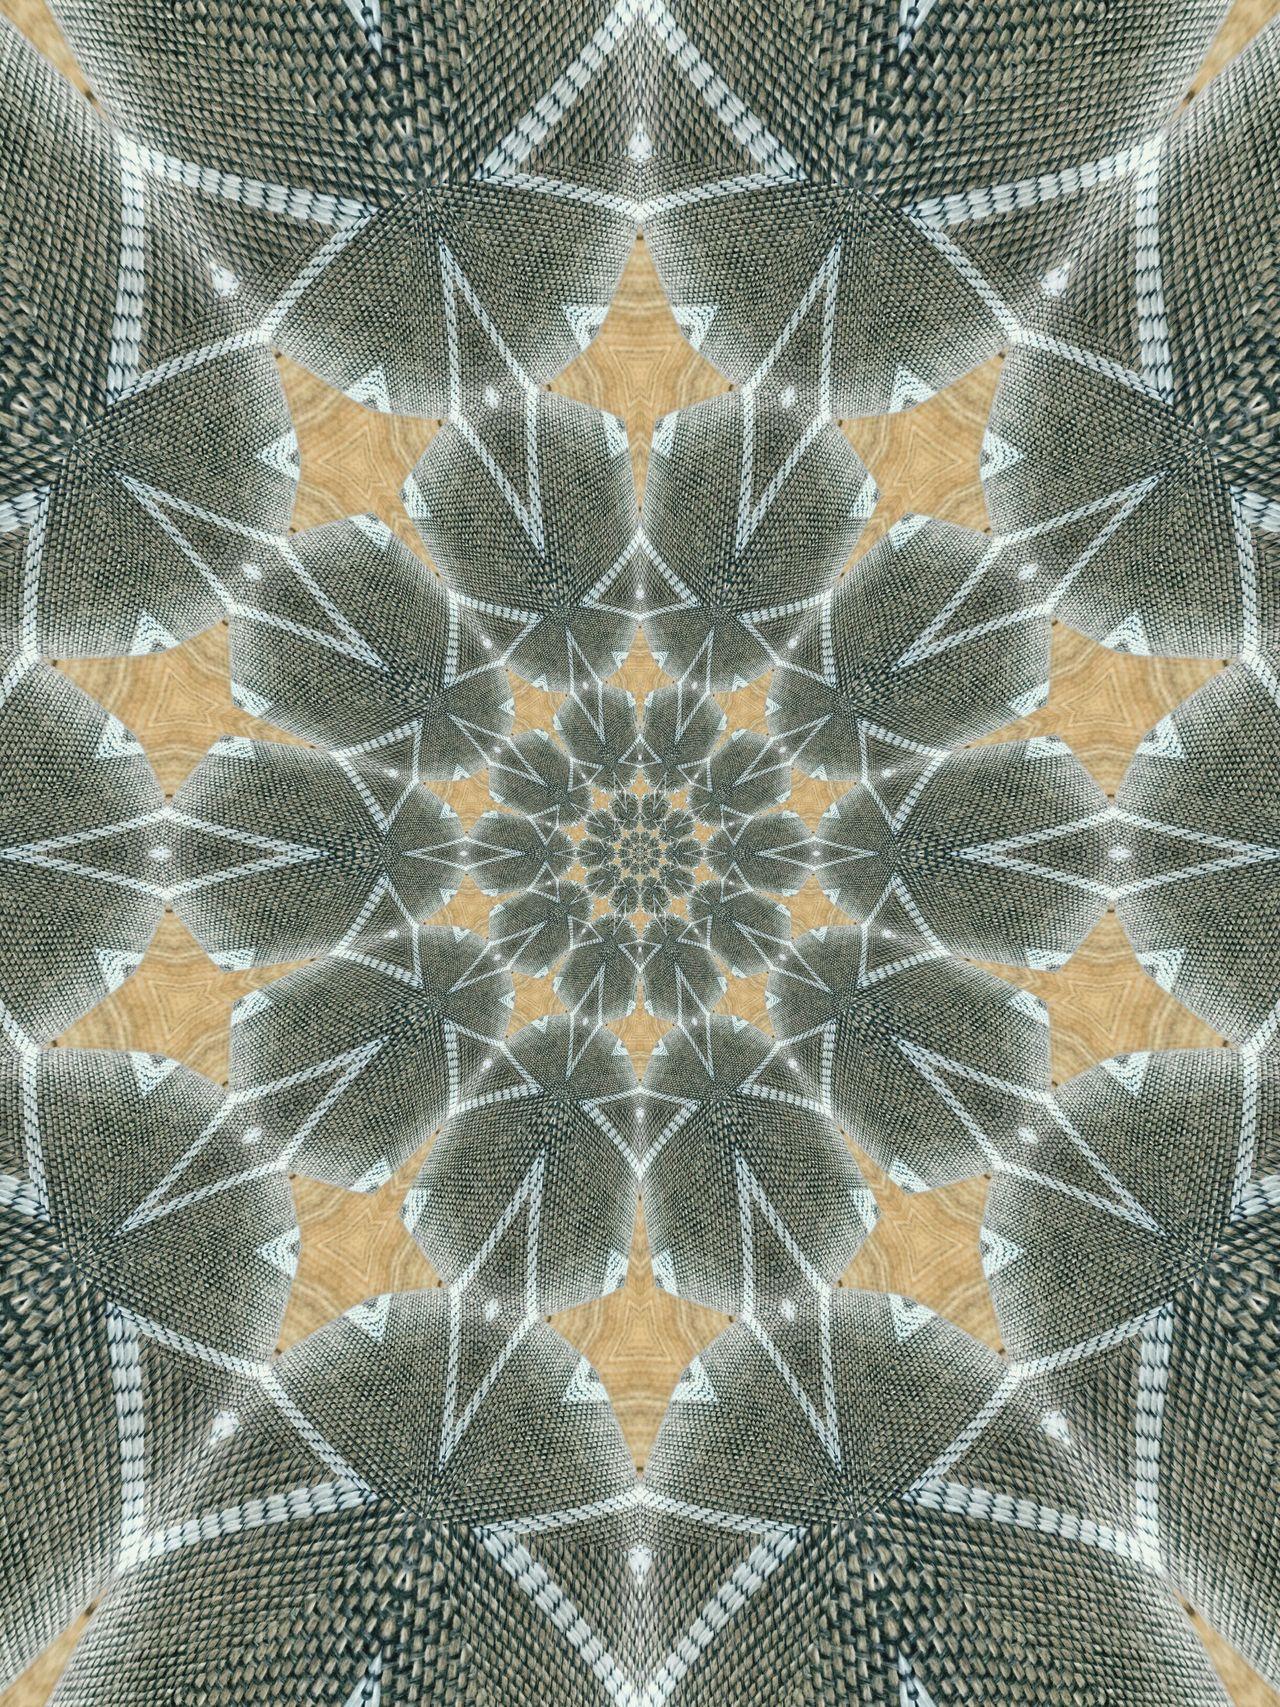 Рождественская Ель!🎄 психоделика.калейдоскоп.арт. артфото Psychedelicart Abstract Textured  Creativity